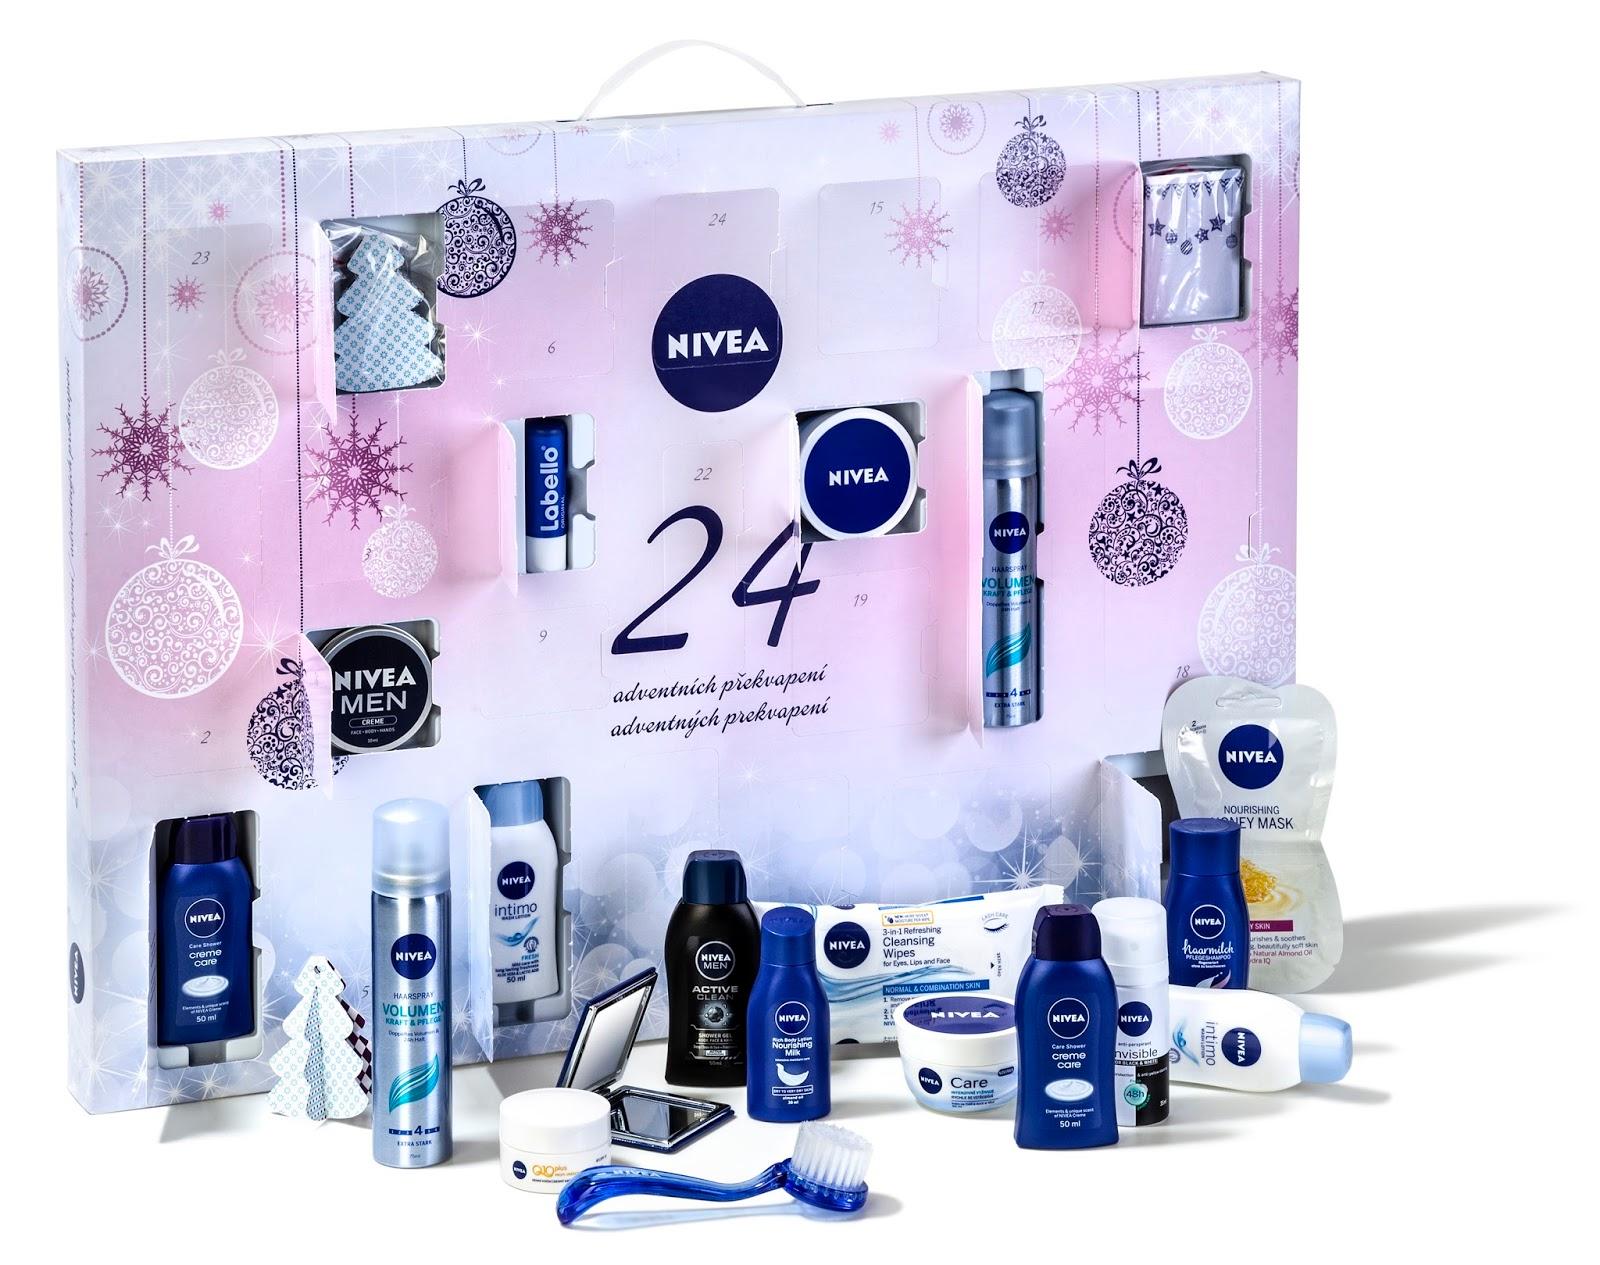 nivea adventni kalendar Kosmetika, pamlsky i nářadí: tipy na originální adventní kalendáře  nivea adventni kalendar